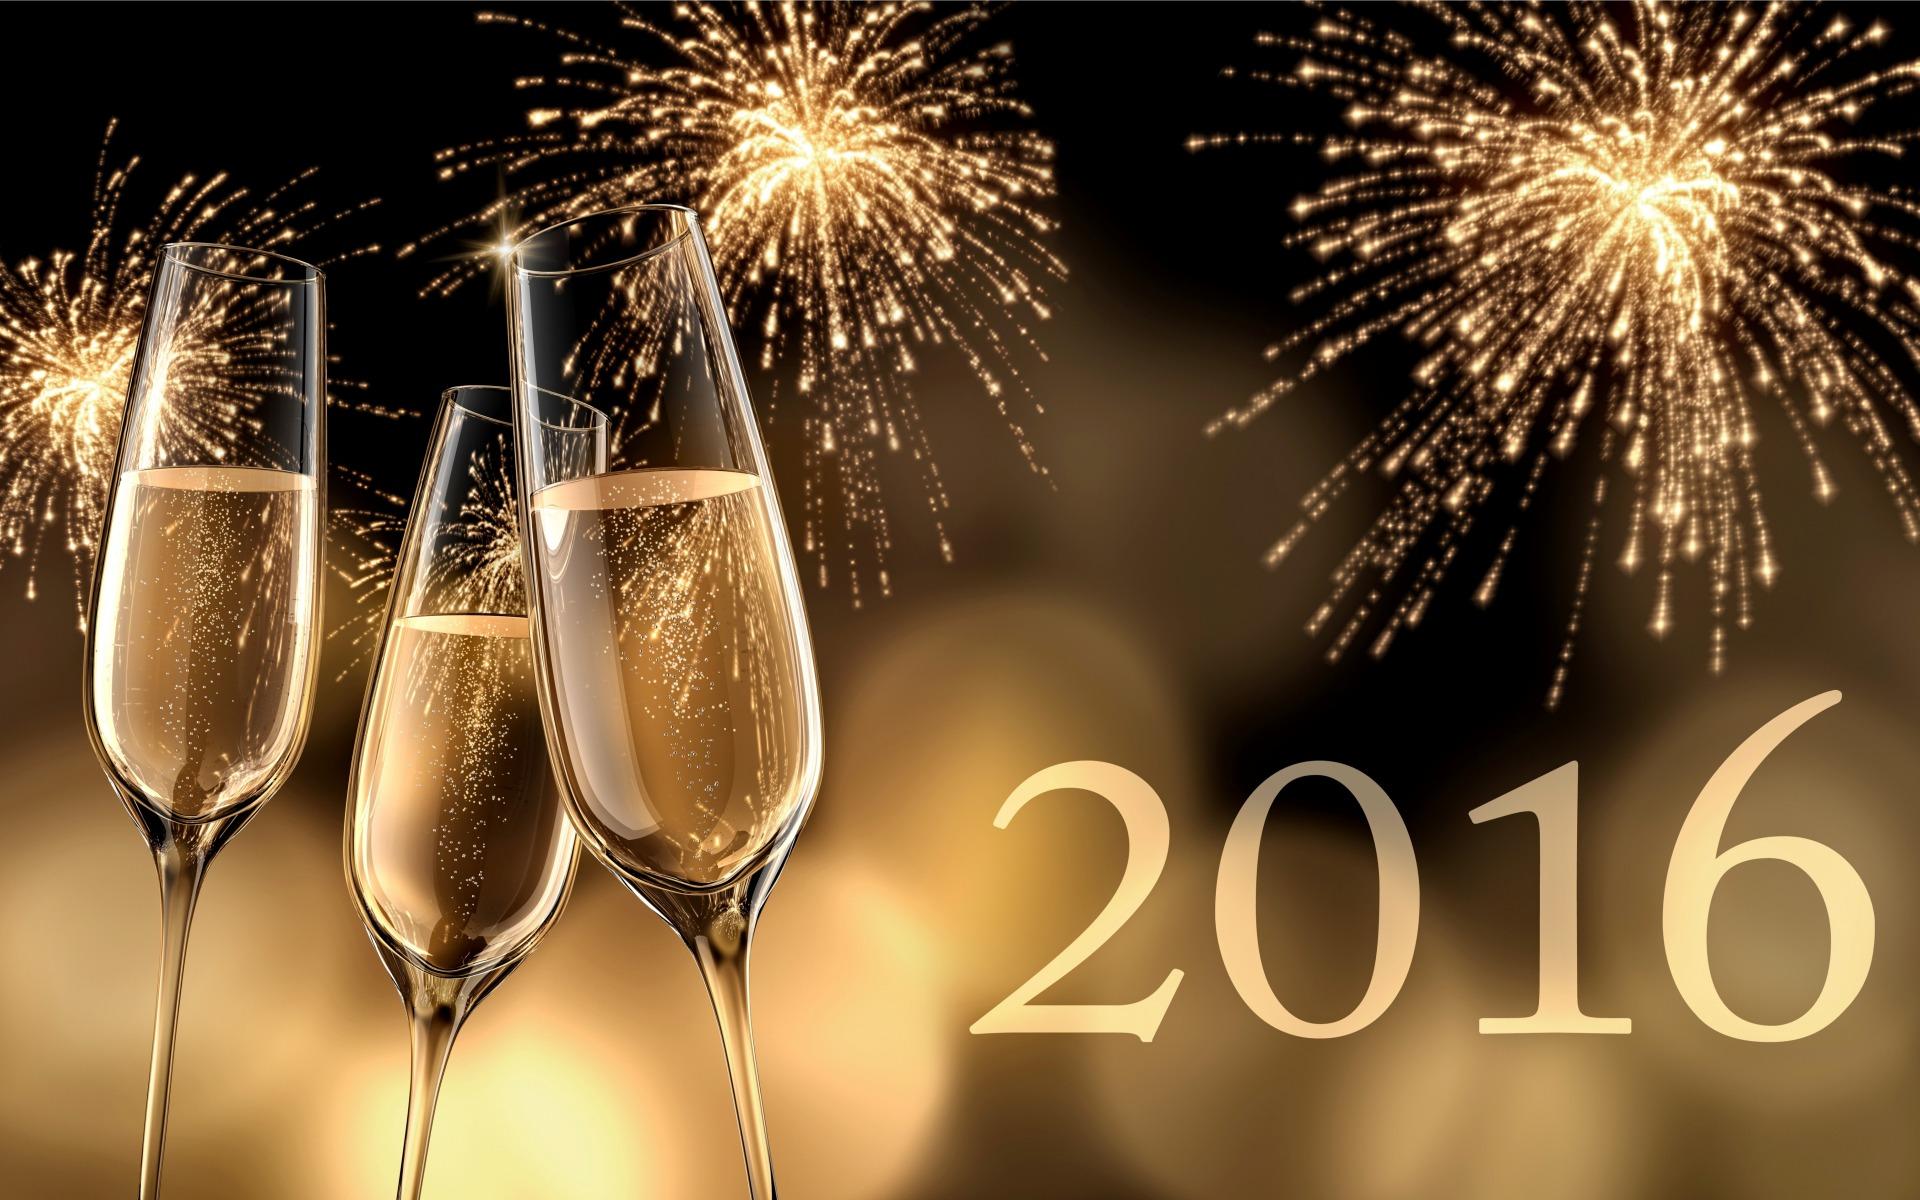 Поздравления с наступающим новым годом 2016 картинки - C наступающим новым годом 2018 поздравительные картинки